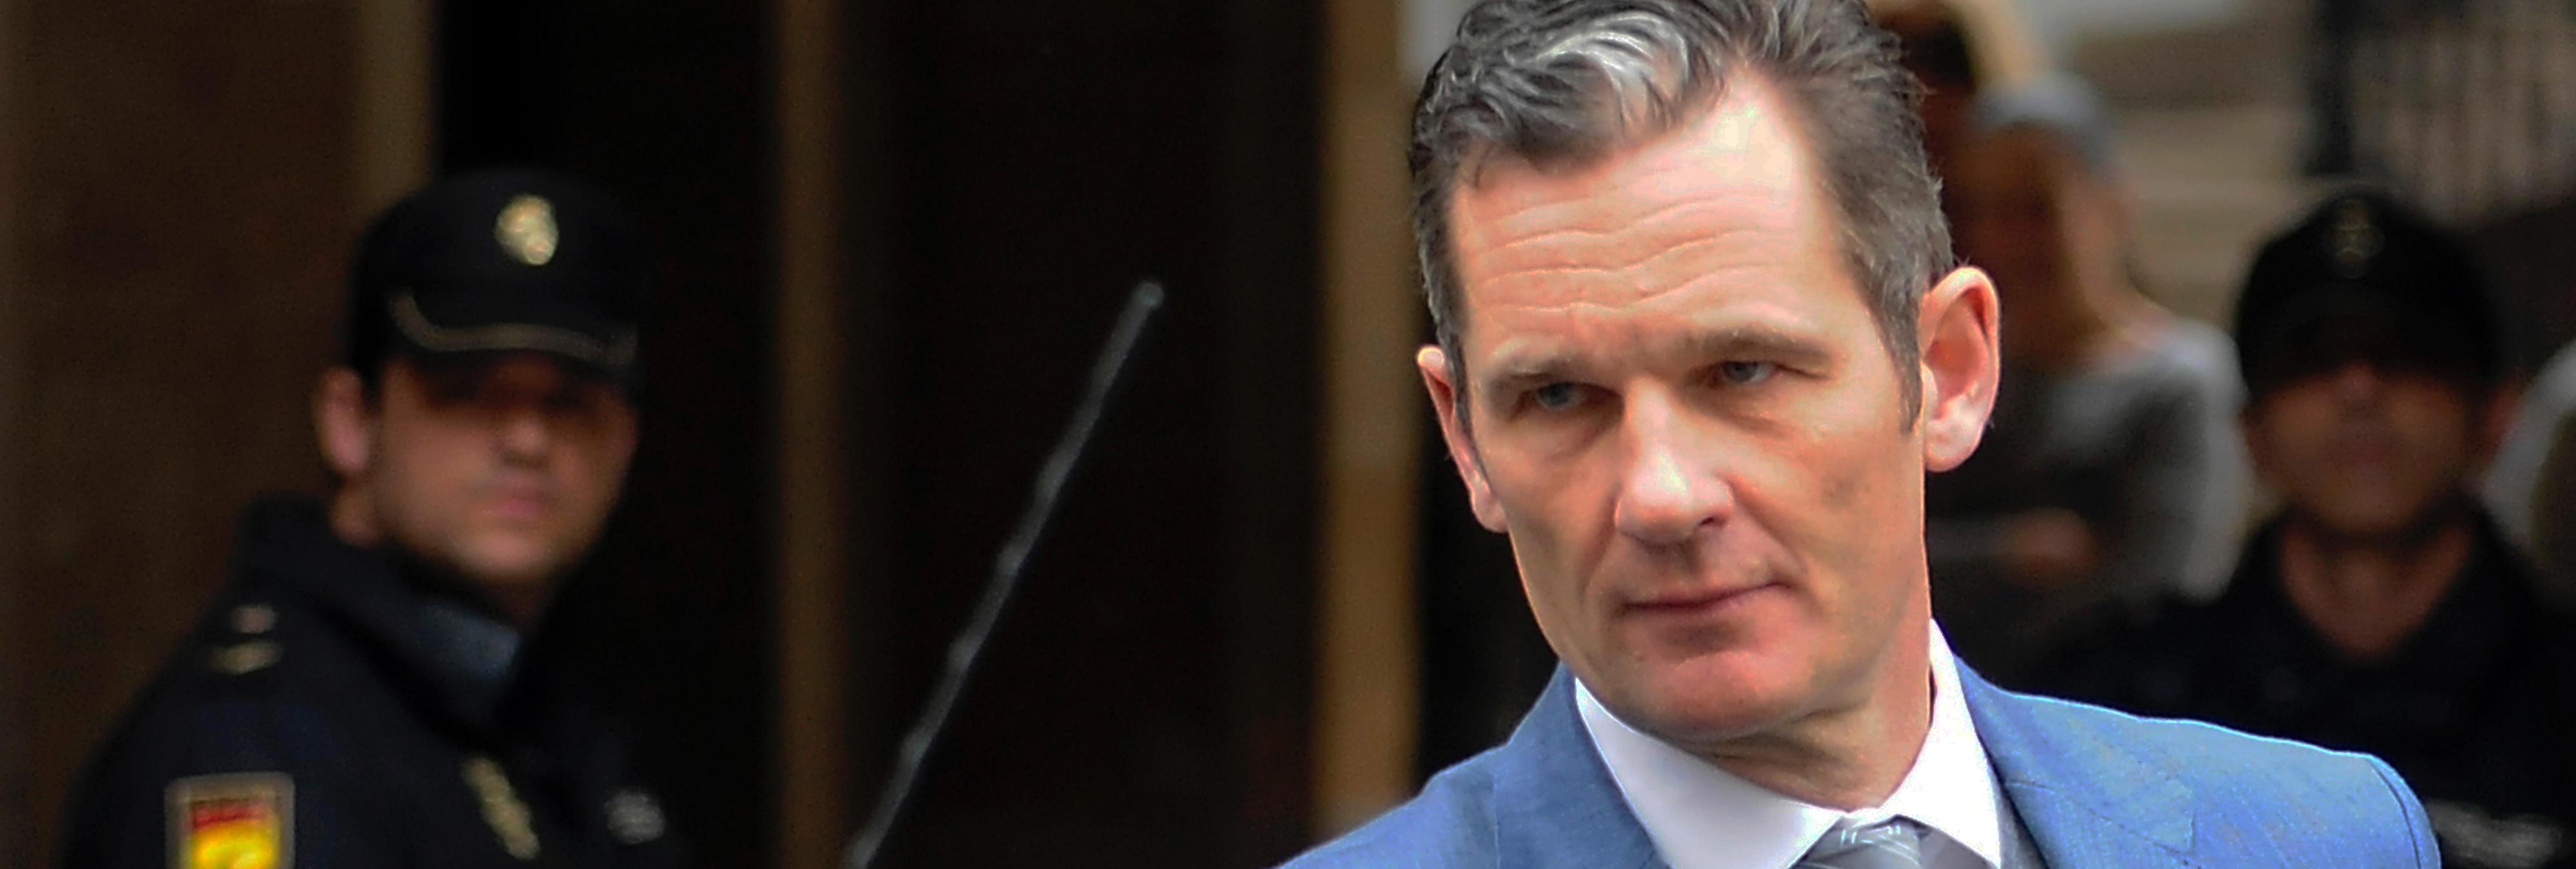 Iñaki Urdangarín vuelve a pedir su absolución